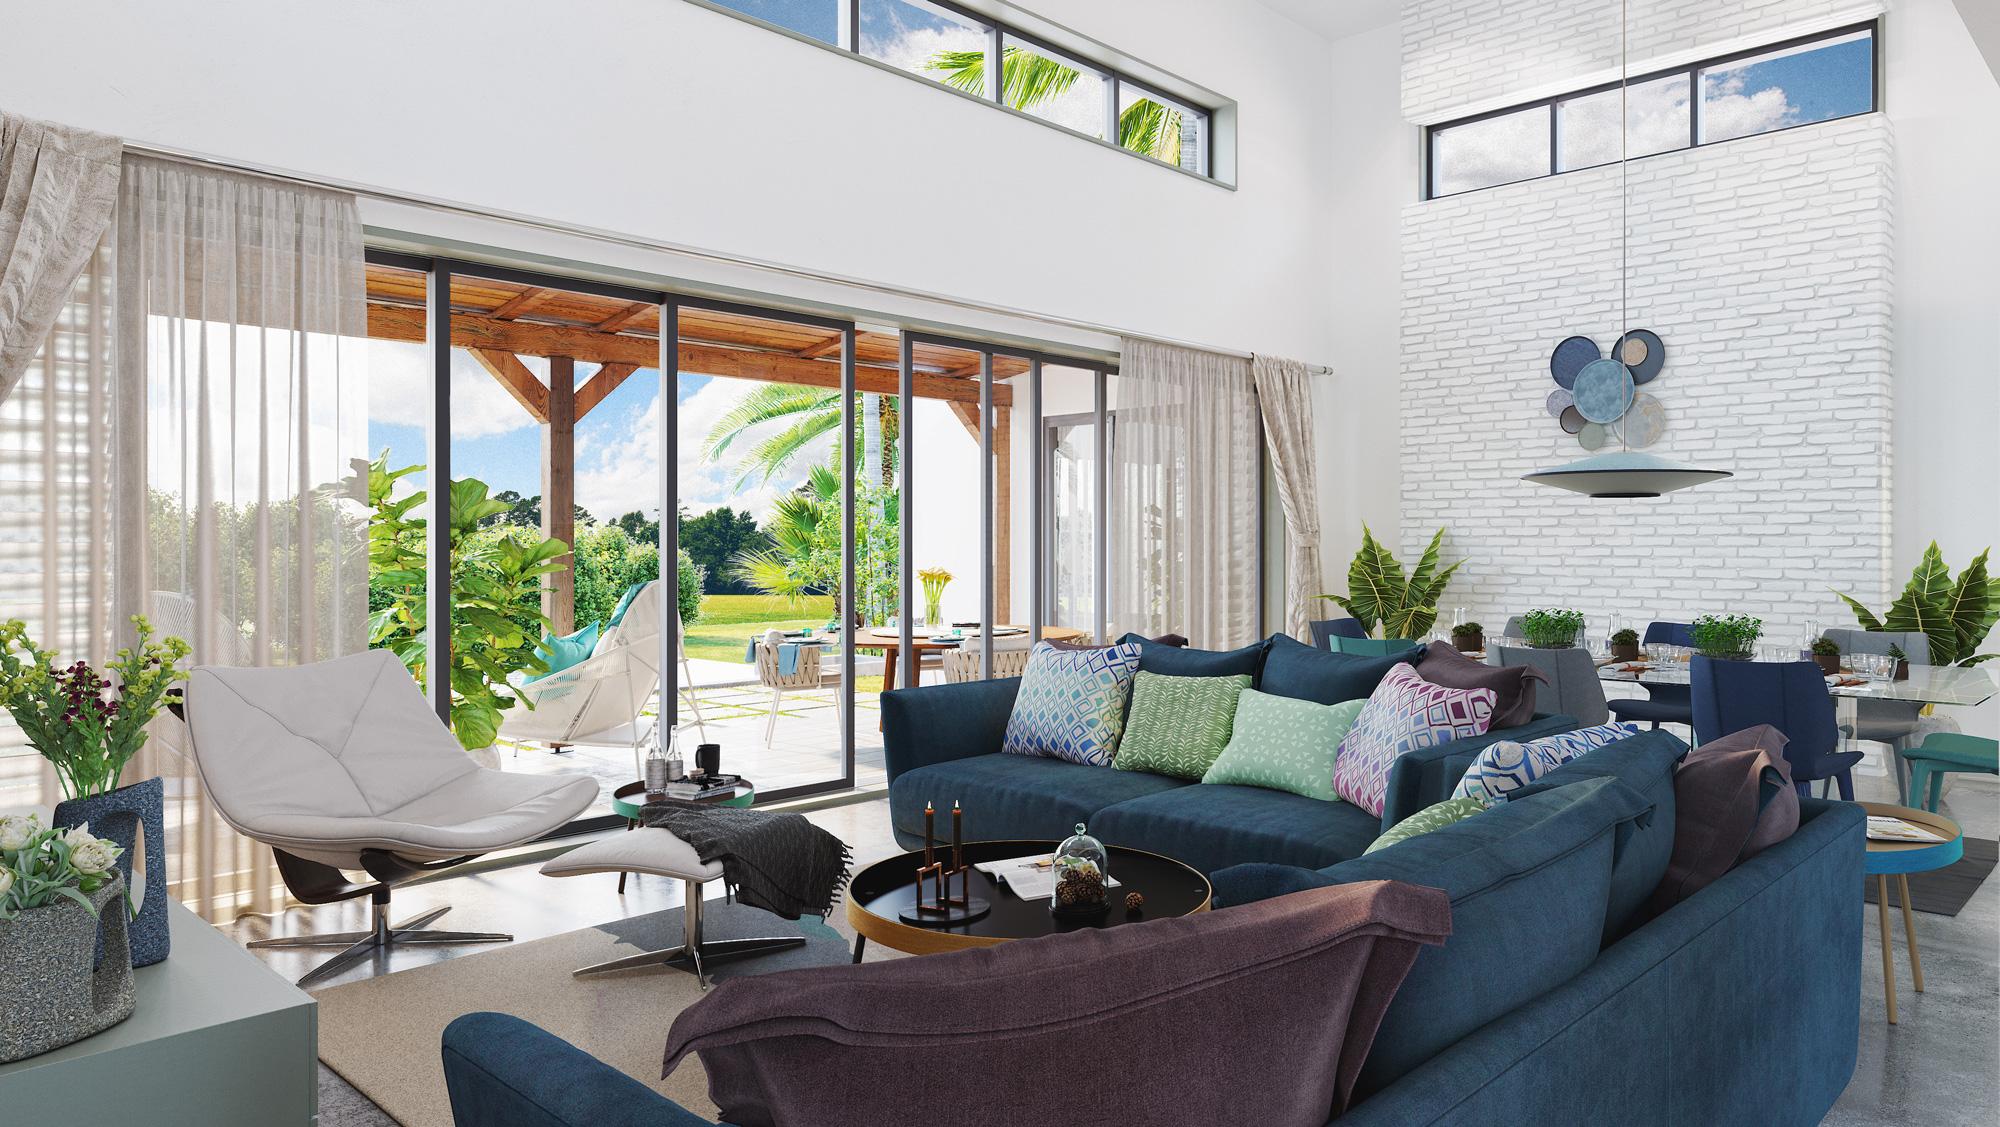 Roche Bobois Island Villas sont pensées pour ceux qui recherchent luxe tranquillité